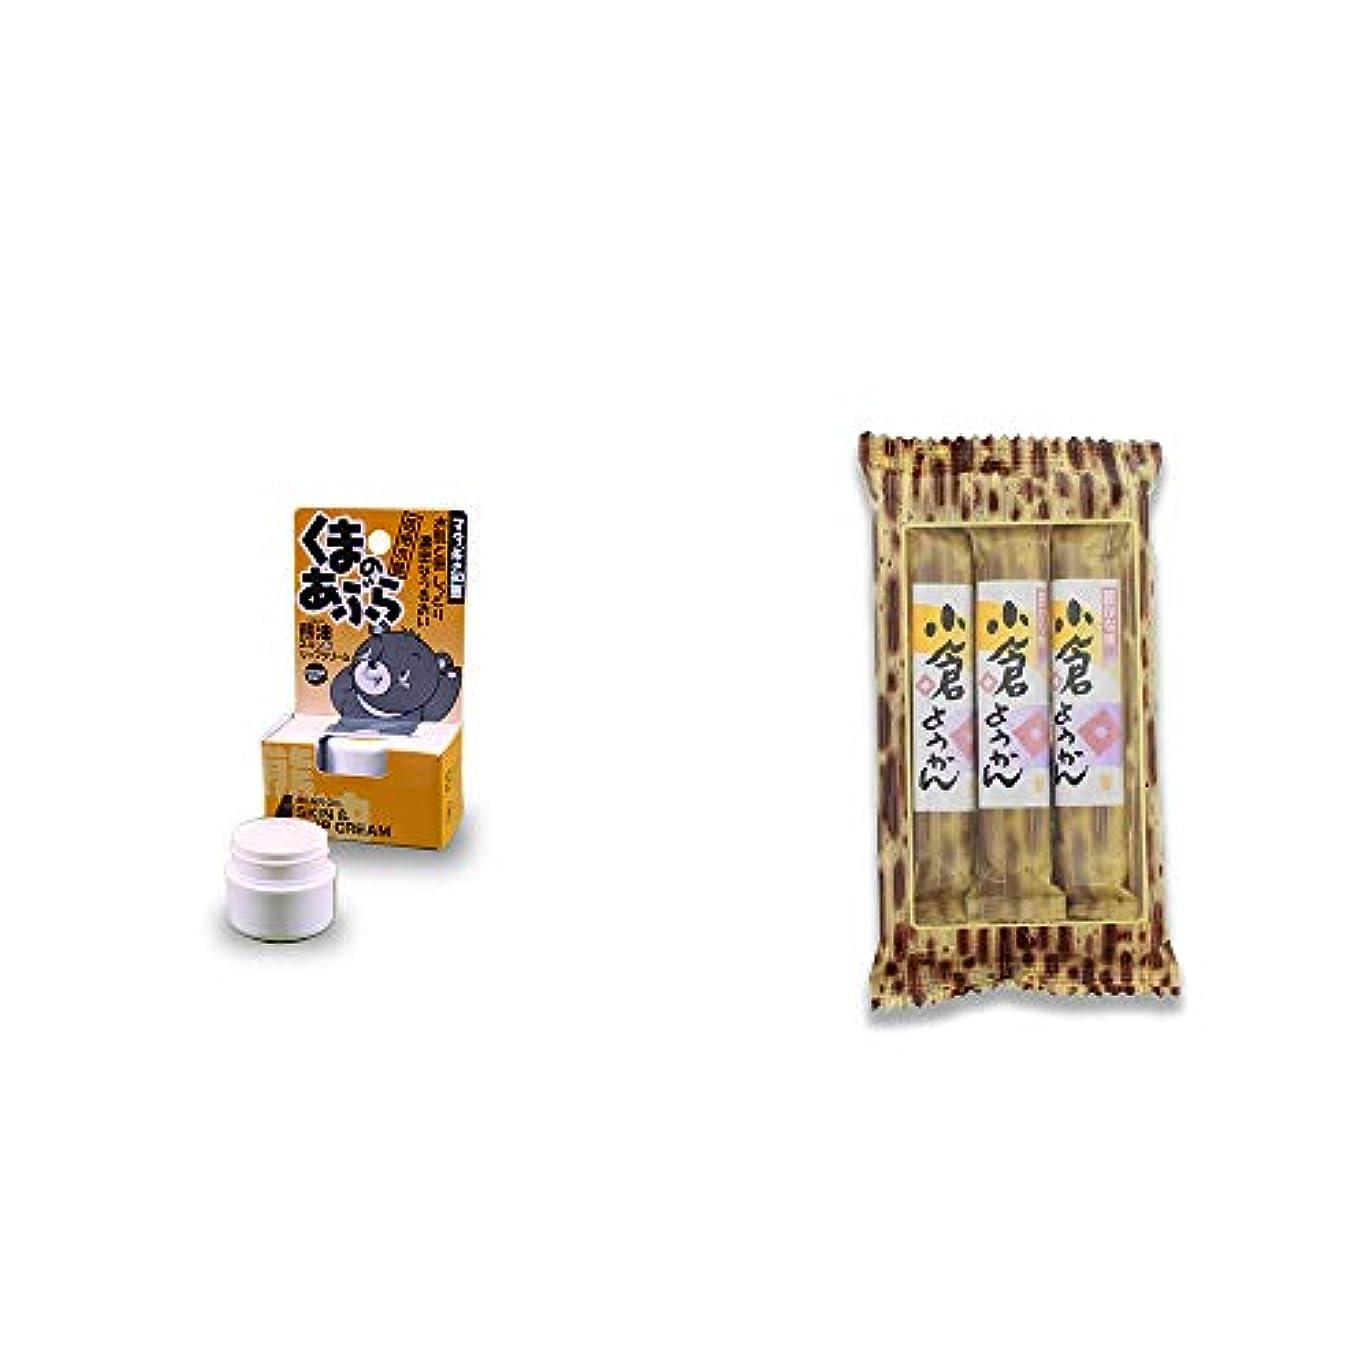 食用光沢唯一[2点セット] 信州木曽 くまのあぶら 熊油スキン&リップクリーム(9g)?スティックようかん[小倉](50g×3本)